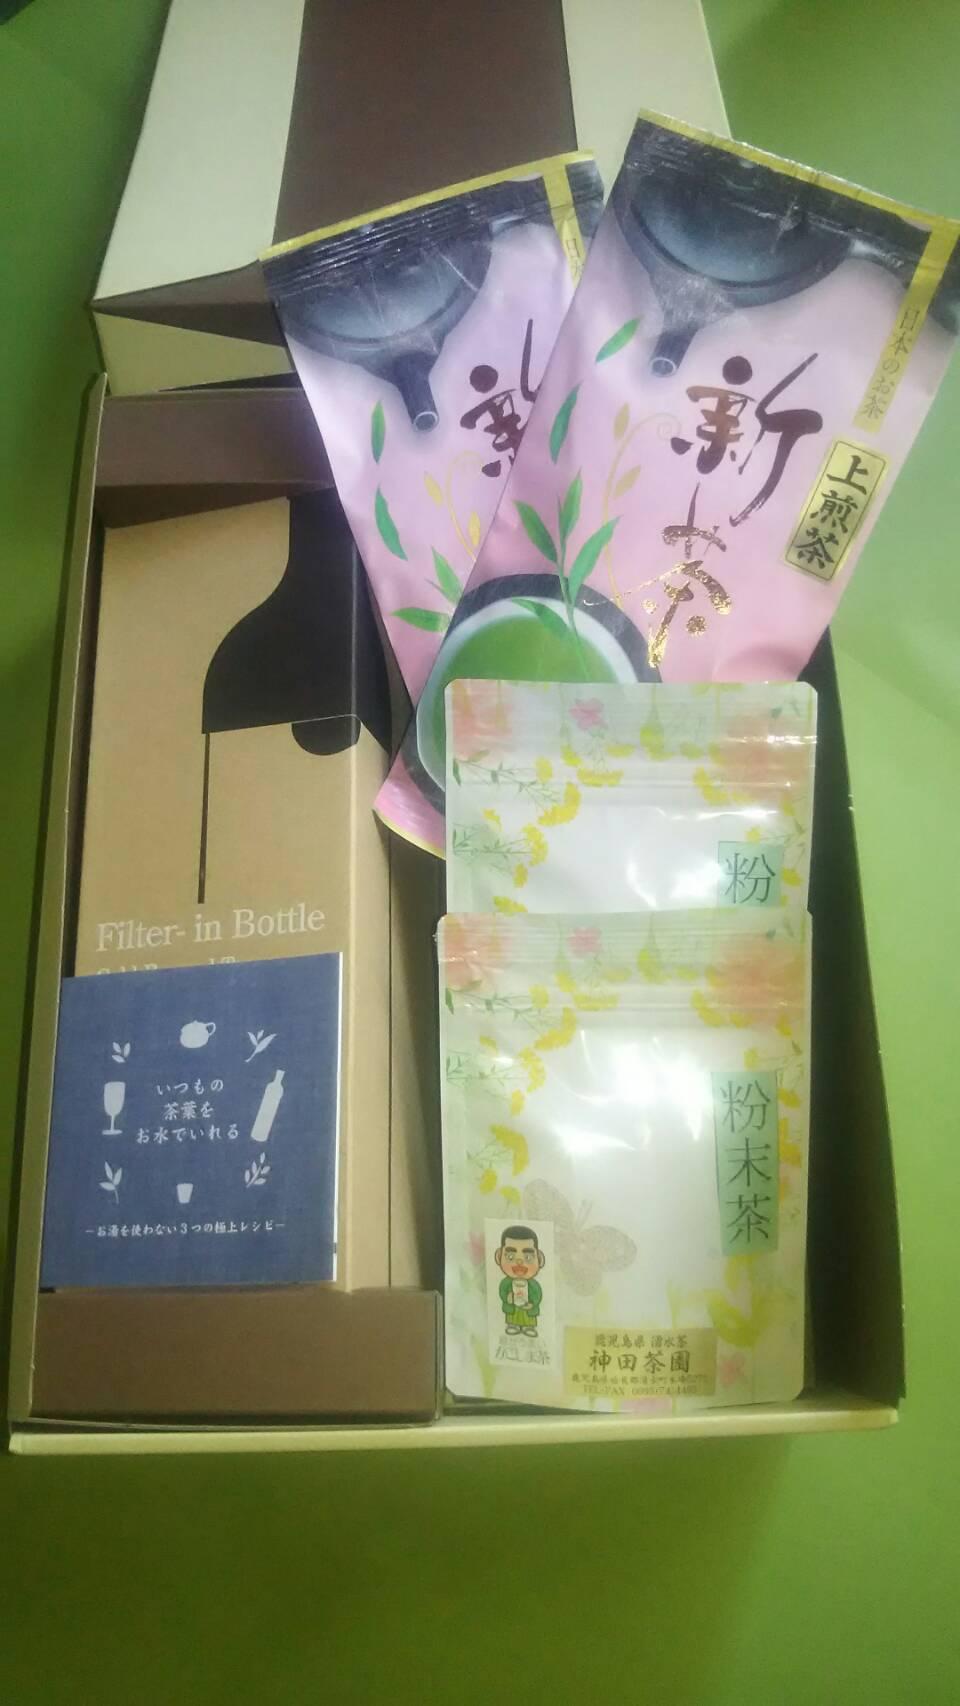 神田茶園 フィルターインボトルとお茶セット